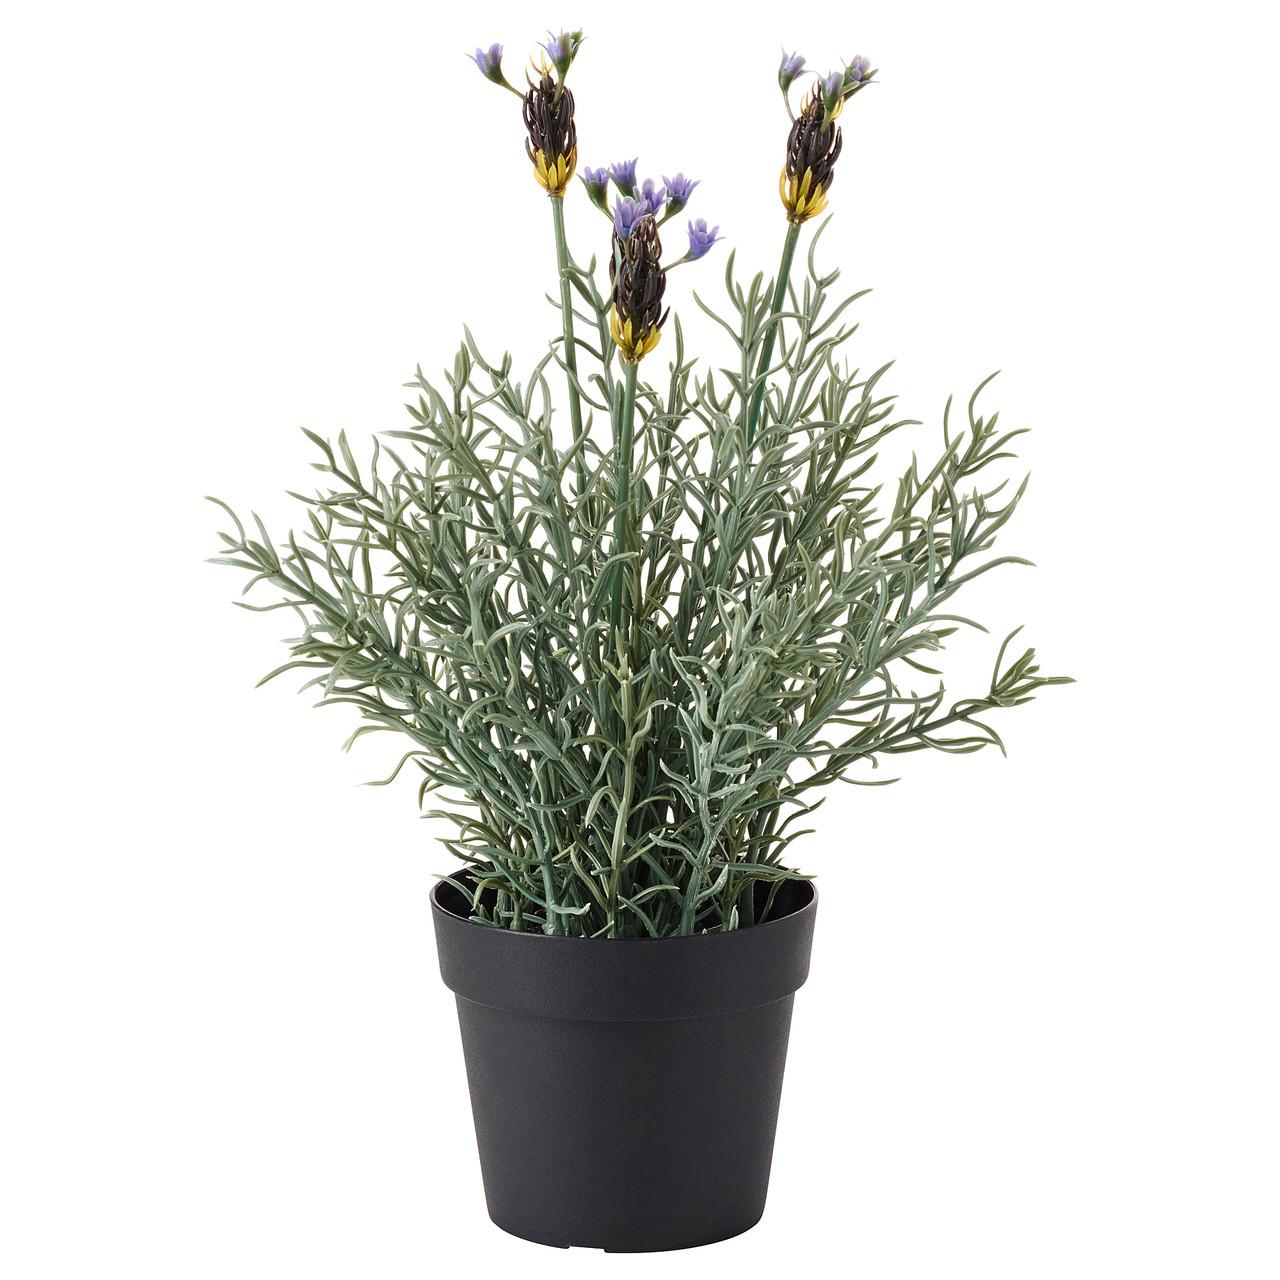 """ИКЕА """"ФЕЙКА"""" Искусственное растение в горшке, лаванда сиреневый, 27 см."""